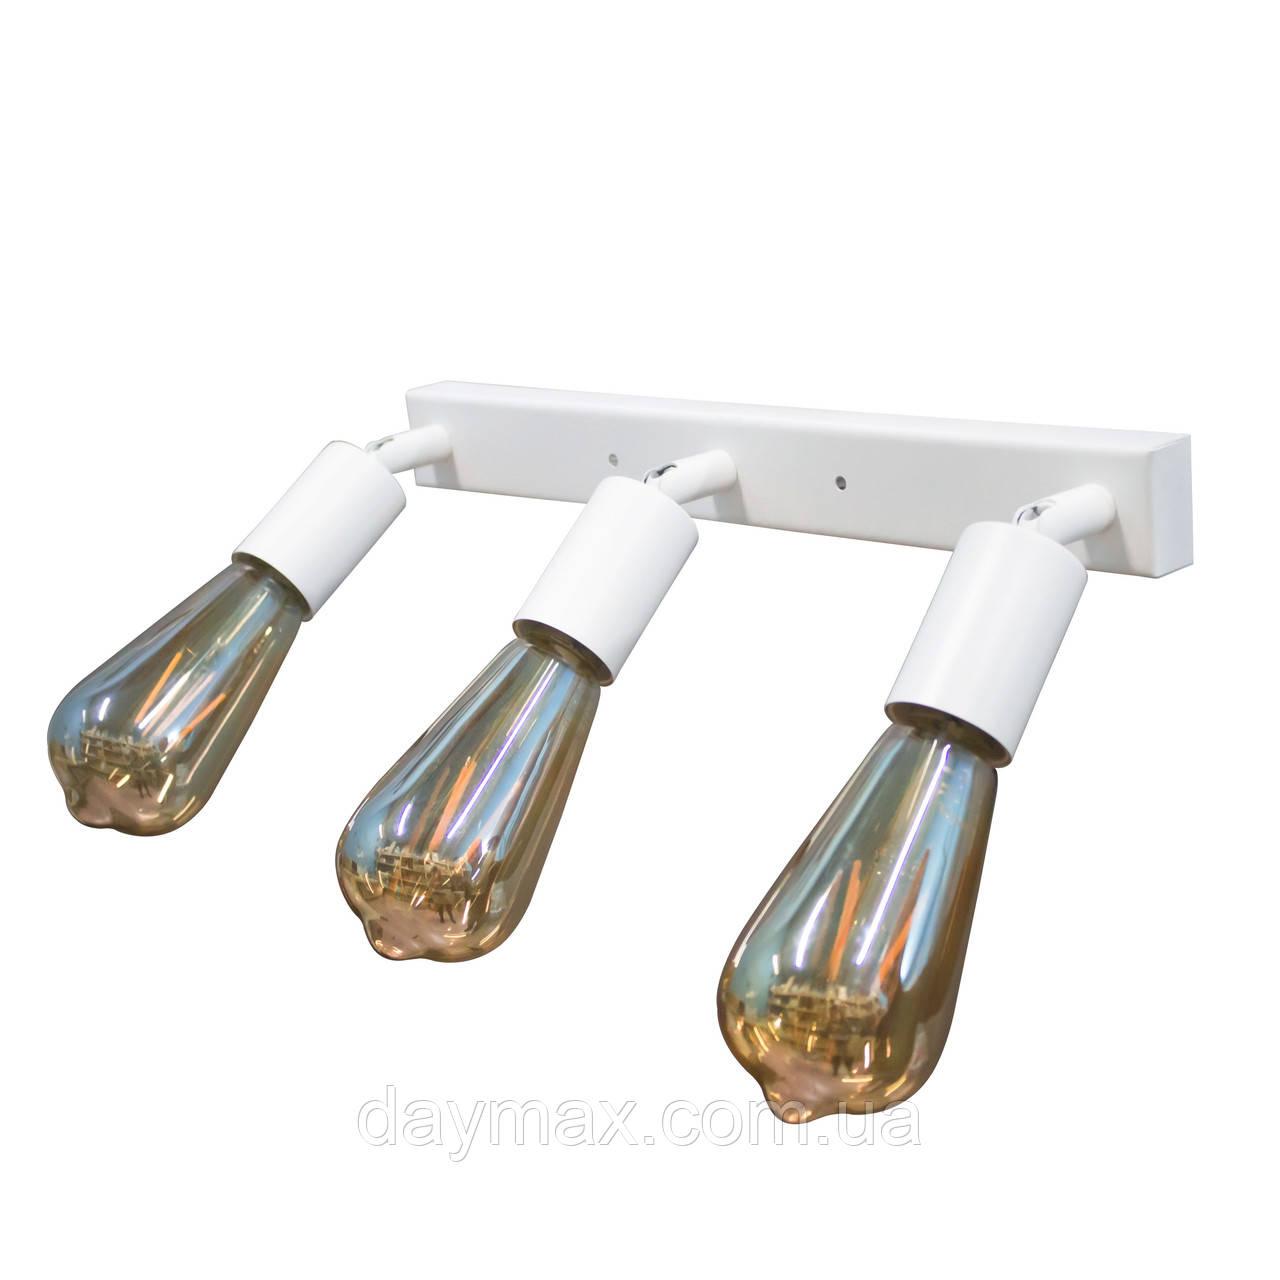 Светильник в стиле лофт с поворотным механизмом NL 1222-3 W  MSK Electric